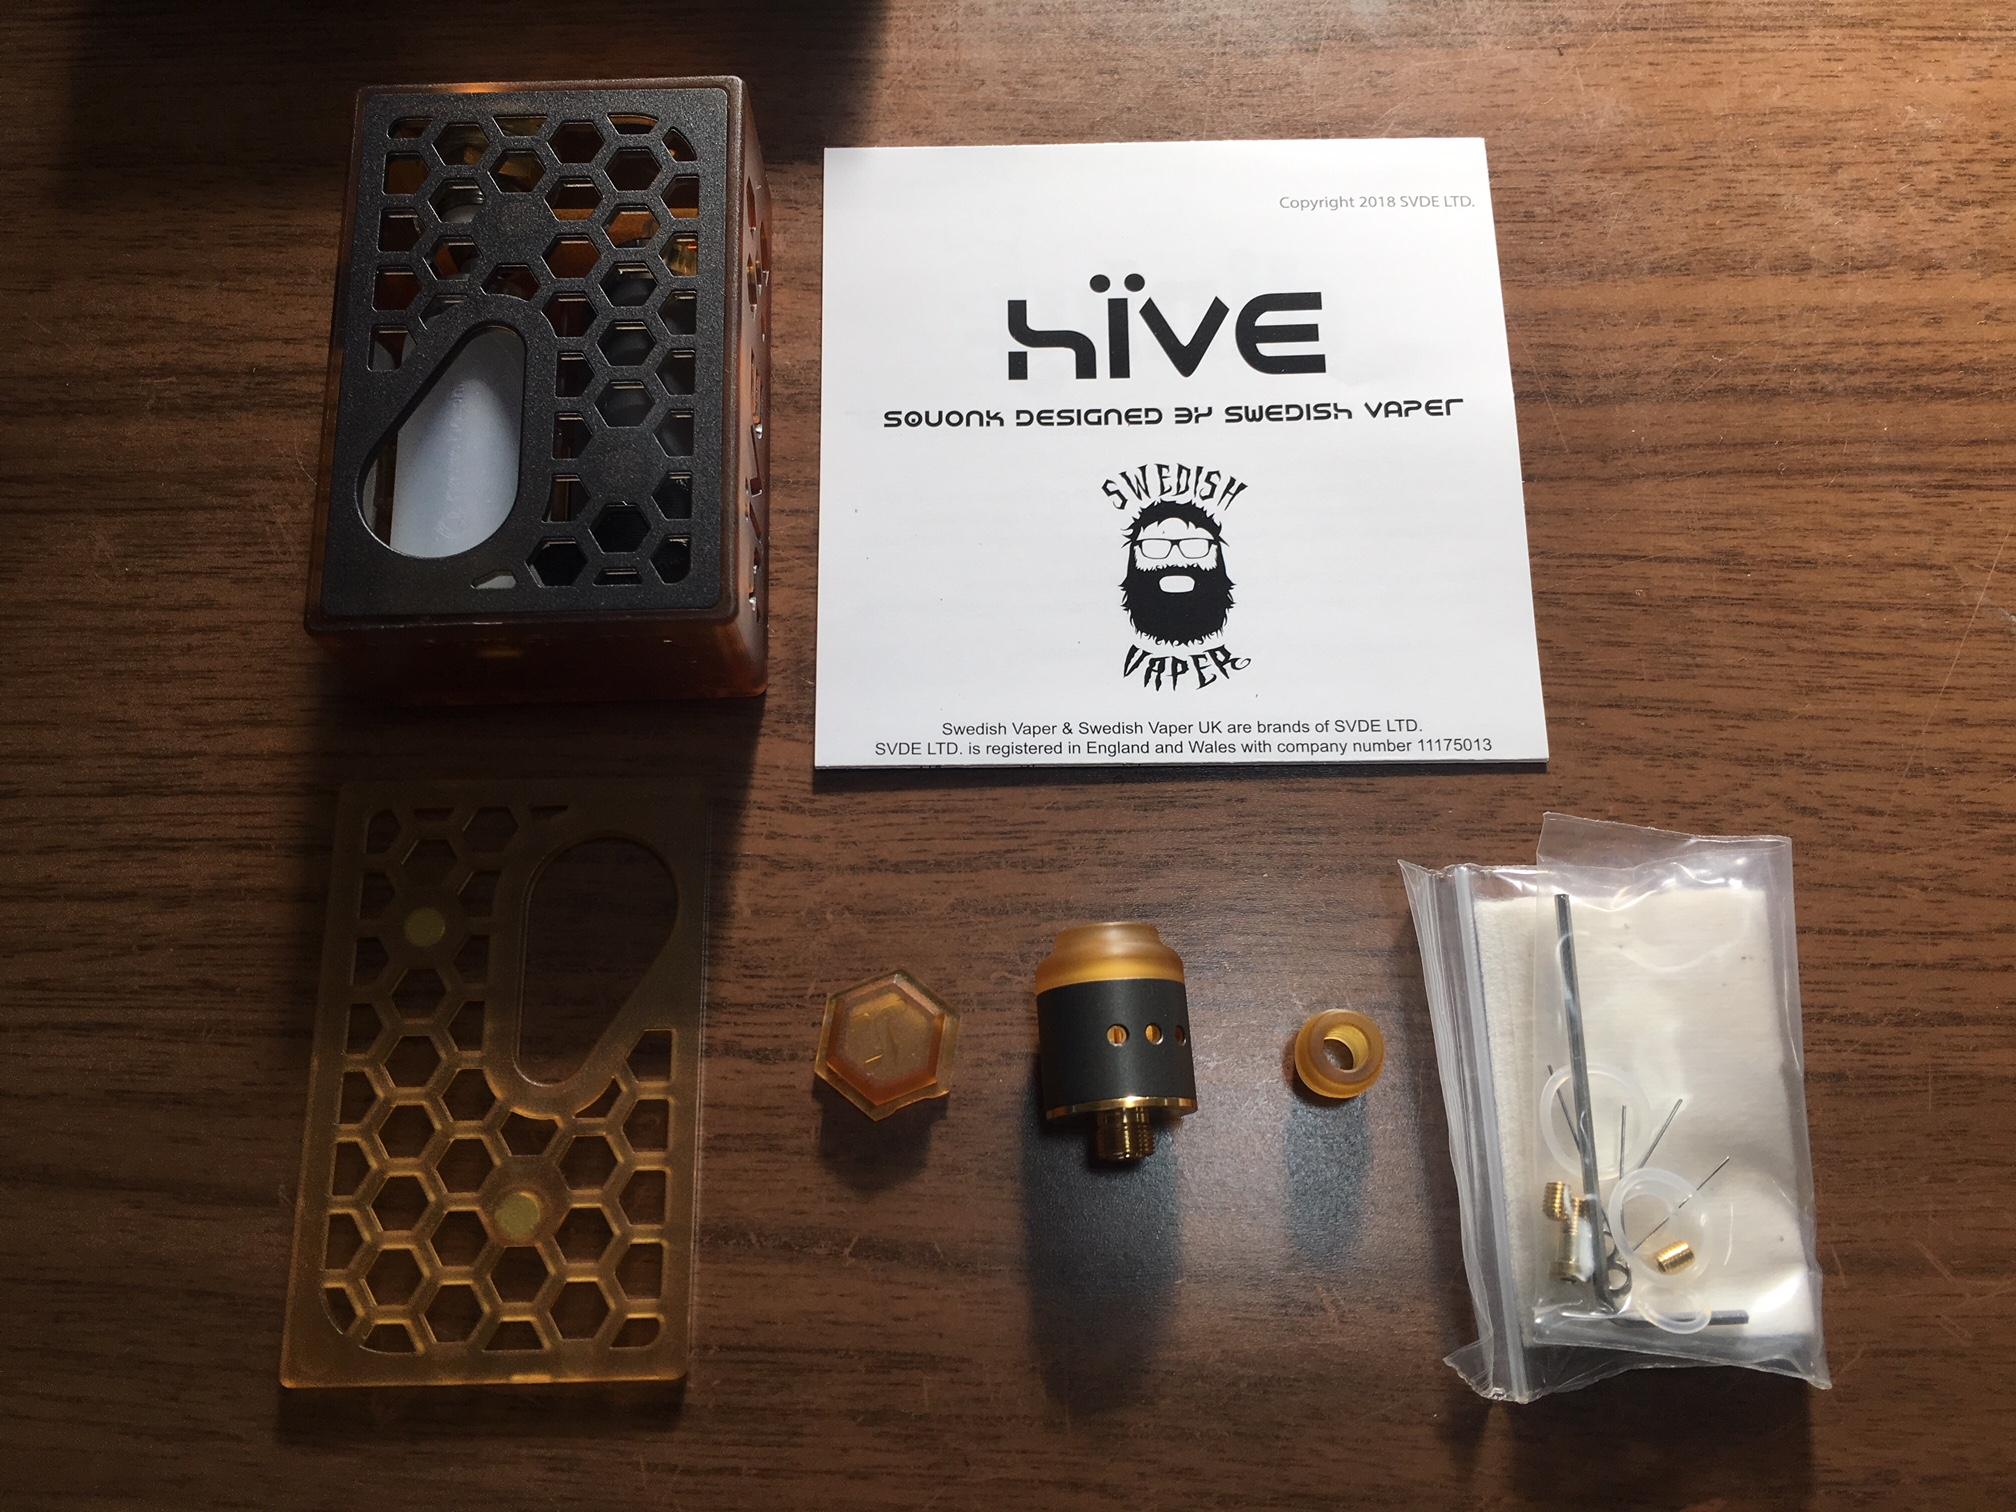 securedownload 13 - 【レビュー】「SWEDISH VAPER よりHIVE(Swedish Vaper Hive Squonk Kit with Dinky RDA)」初めてのメカスコは蜂のように可愛いヤツ【UKデザイン/BF/SQUONKER】